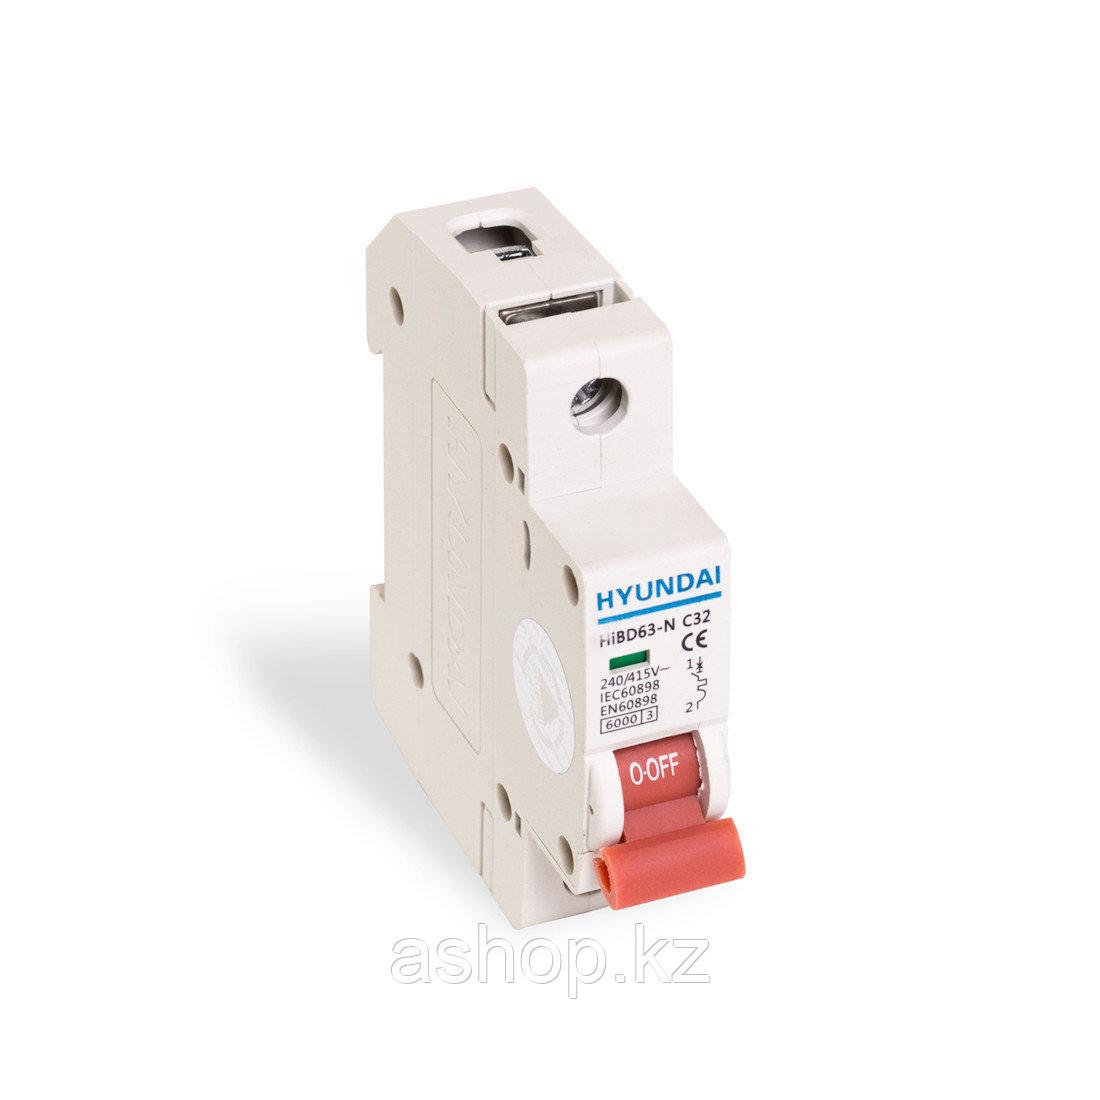 Автоматический выключатель реечный Hyundai HiBD63-N 1P 25А, 230/400 В, Кол-во полюсов: 1, Предел отключения: 6